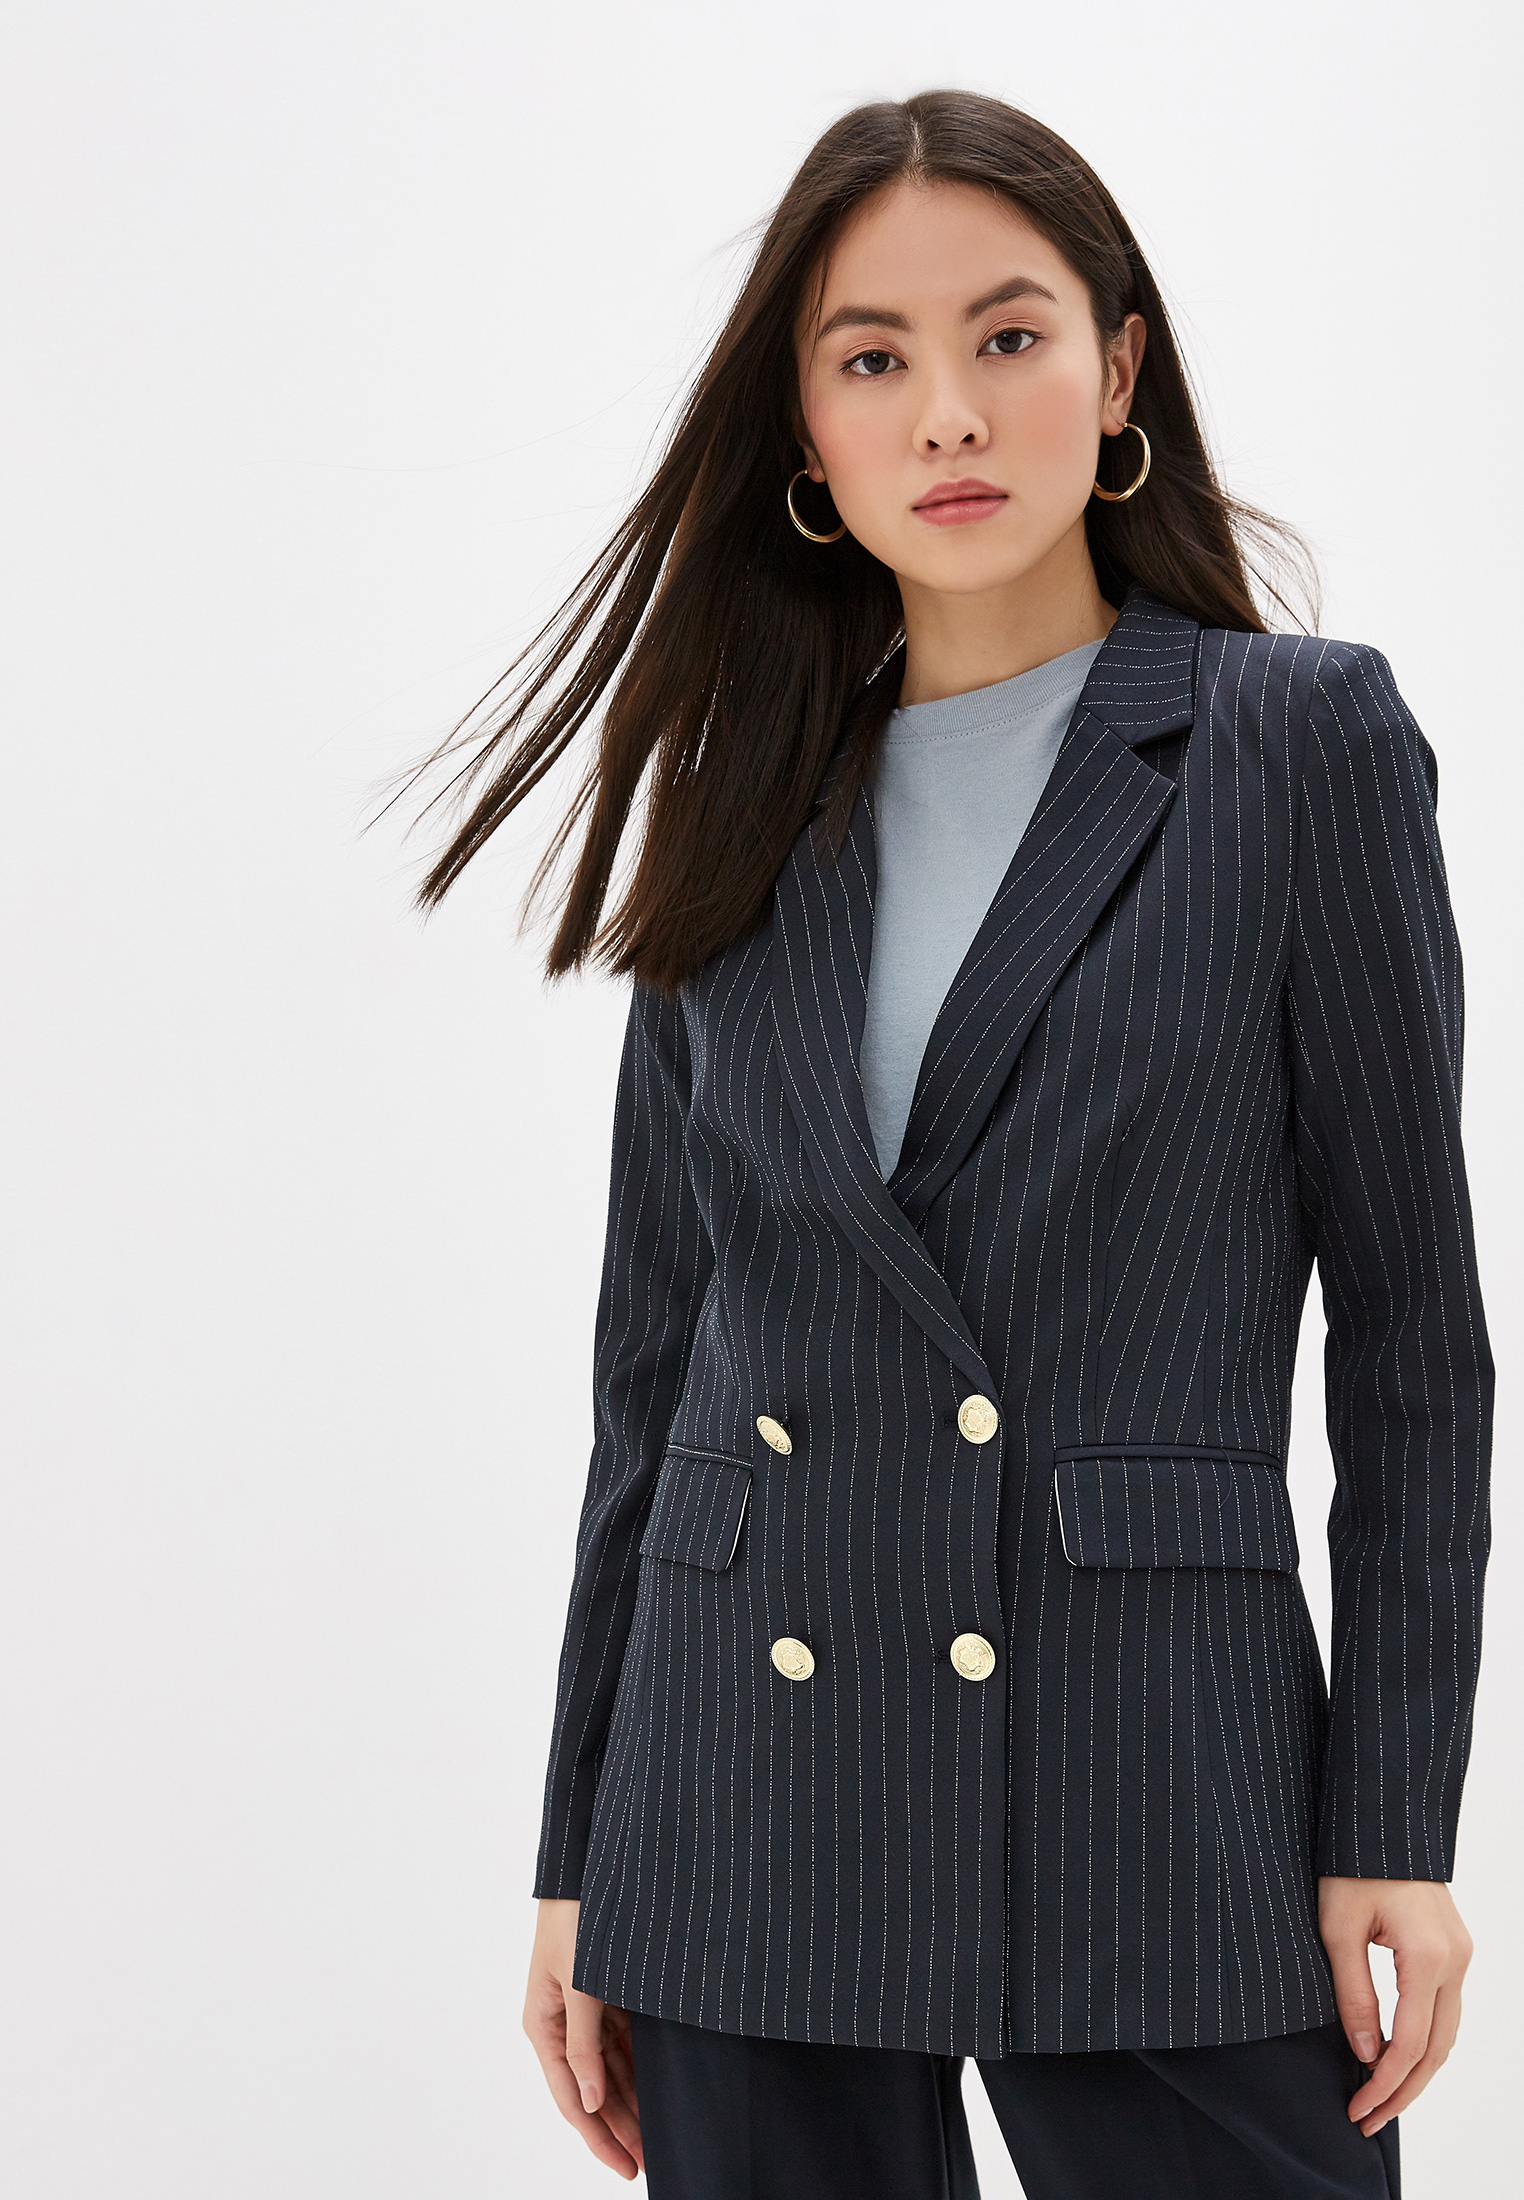 один немногих дизайн пиджака женского фото того, данное